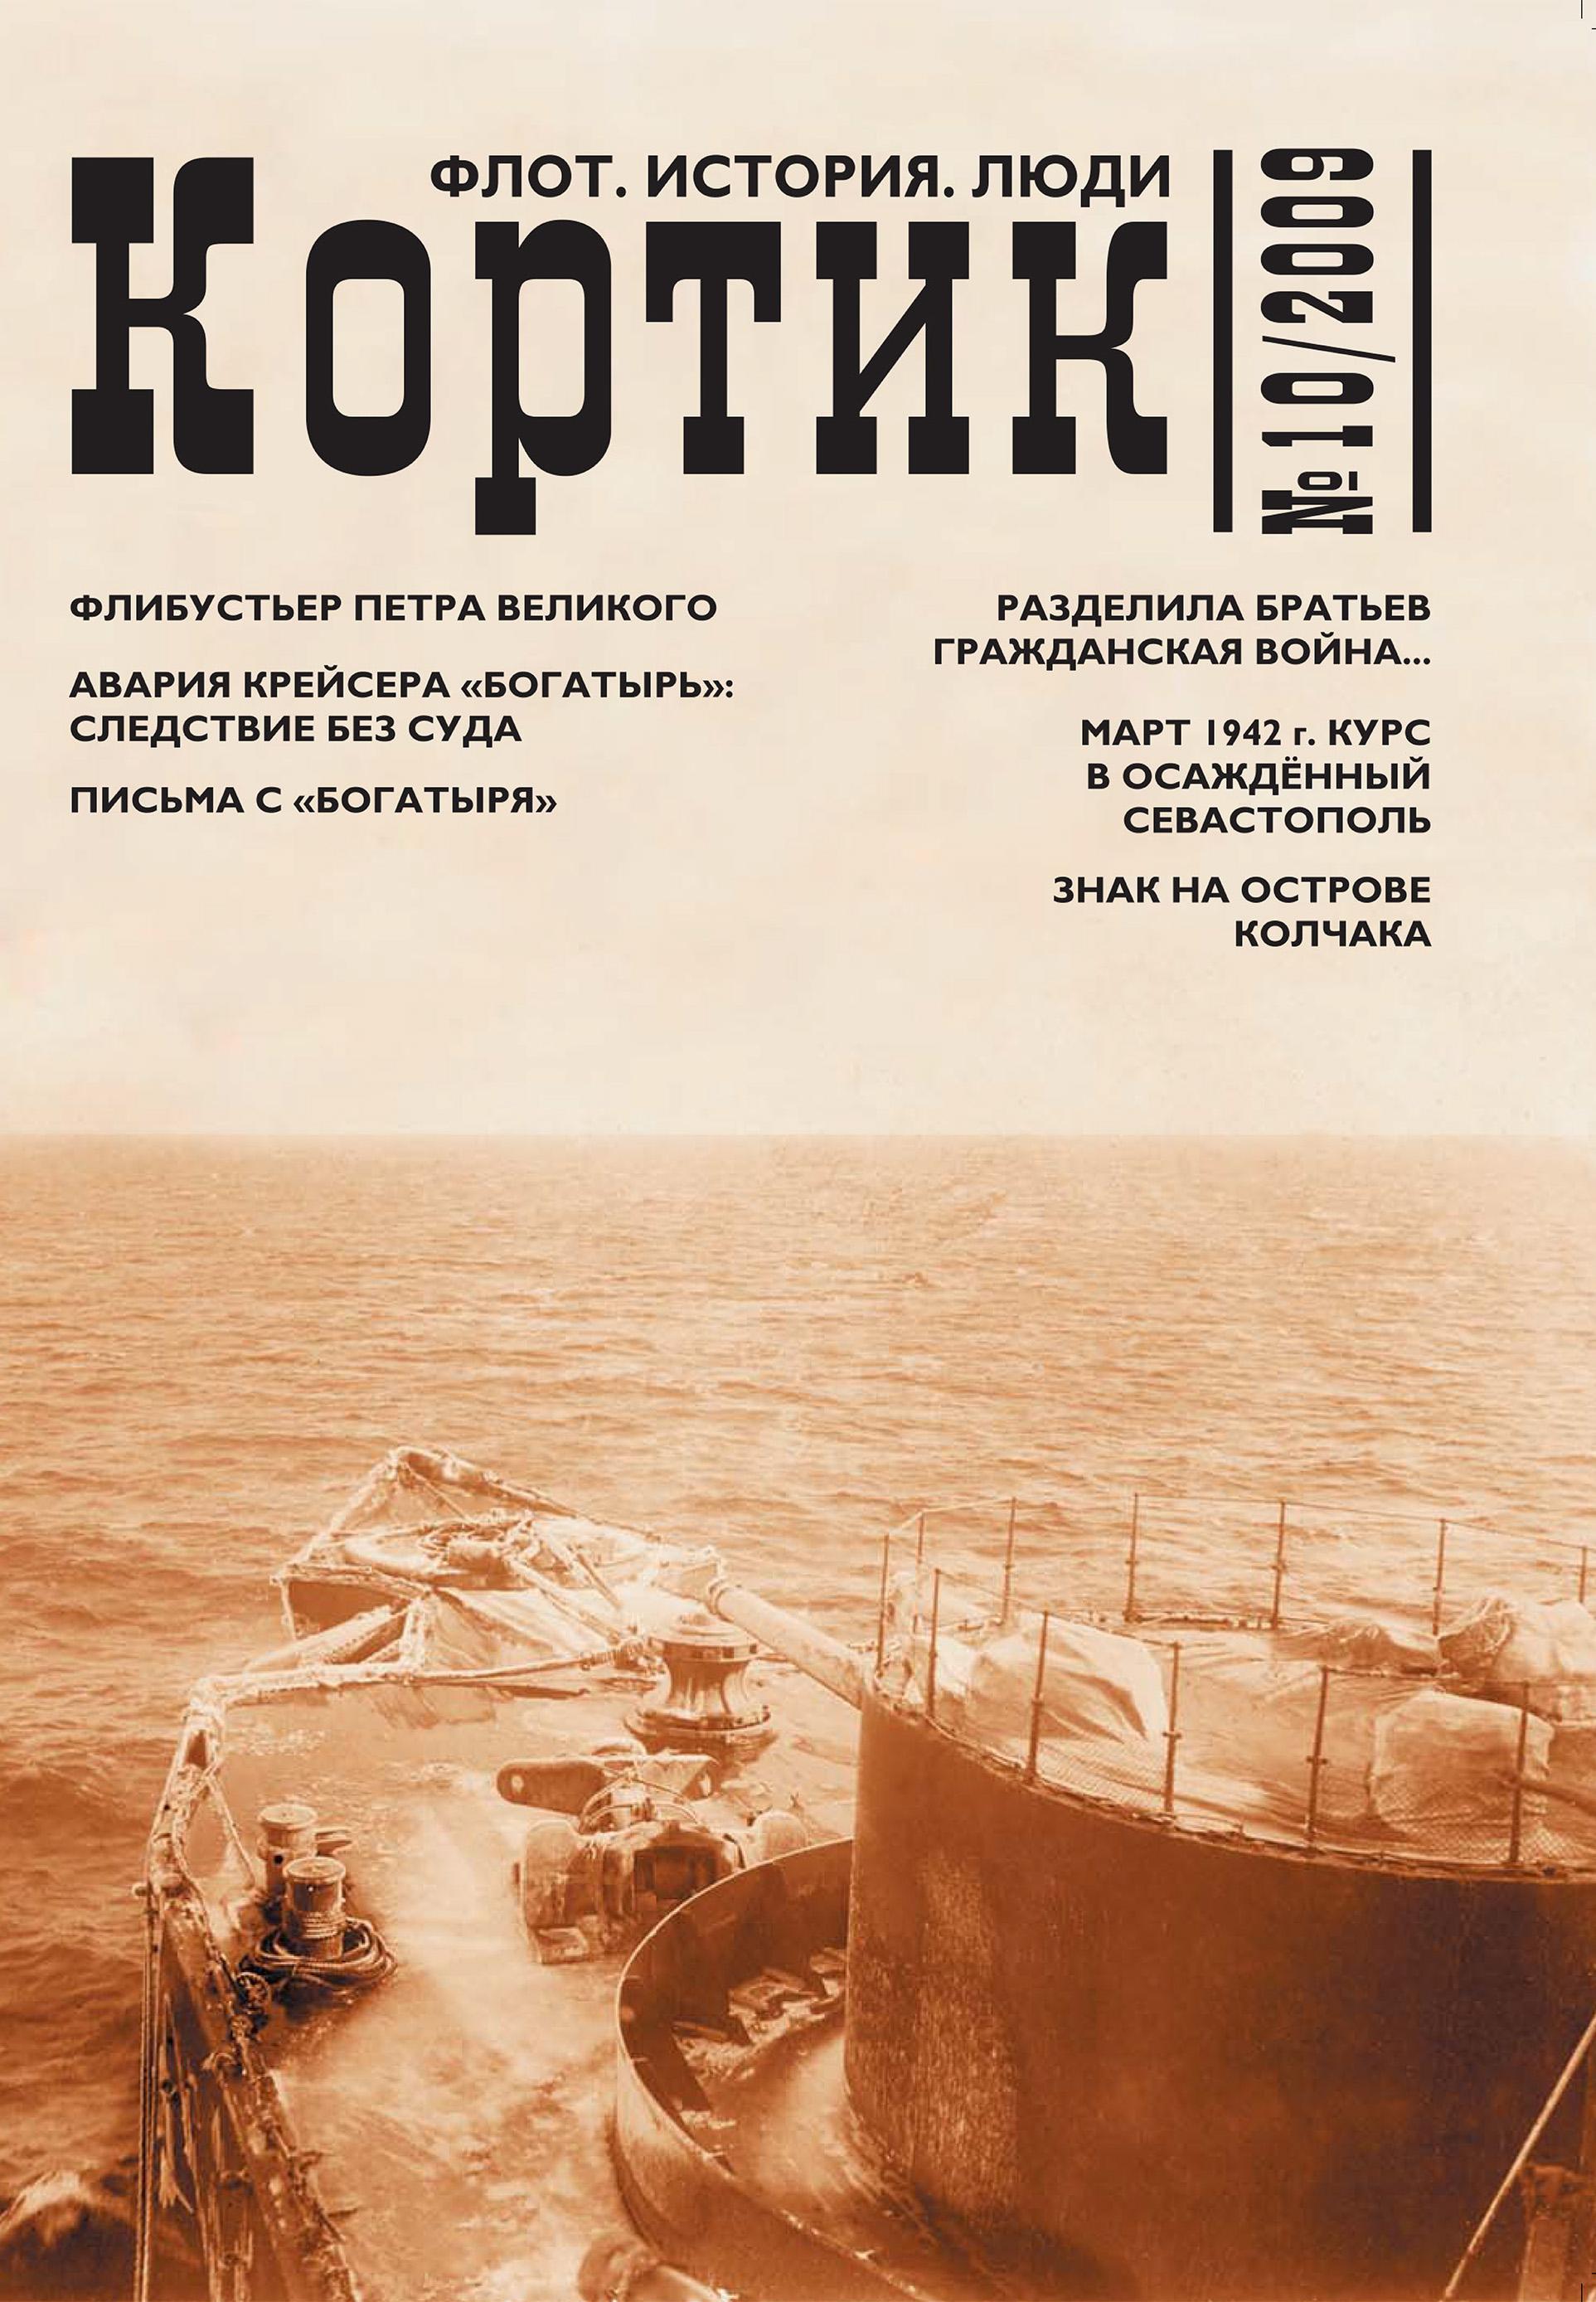 Кортик. Флот. История. Люди. № 10 / 2009 ( Коллектив авторов  )